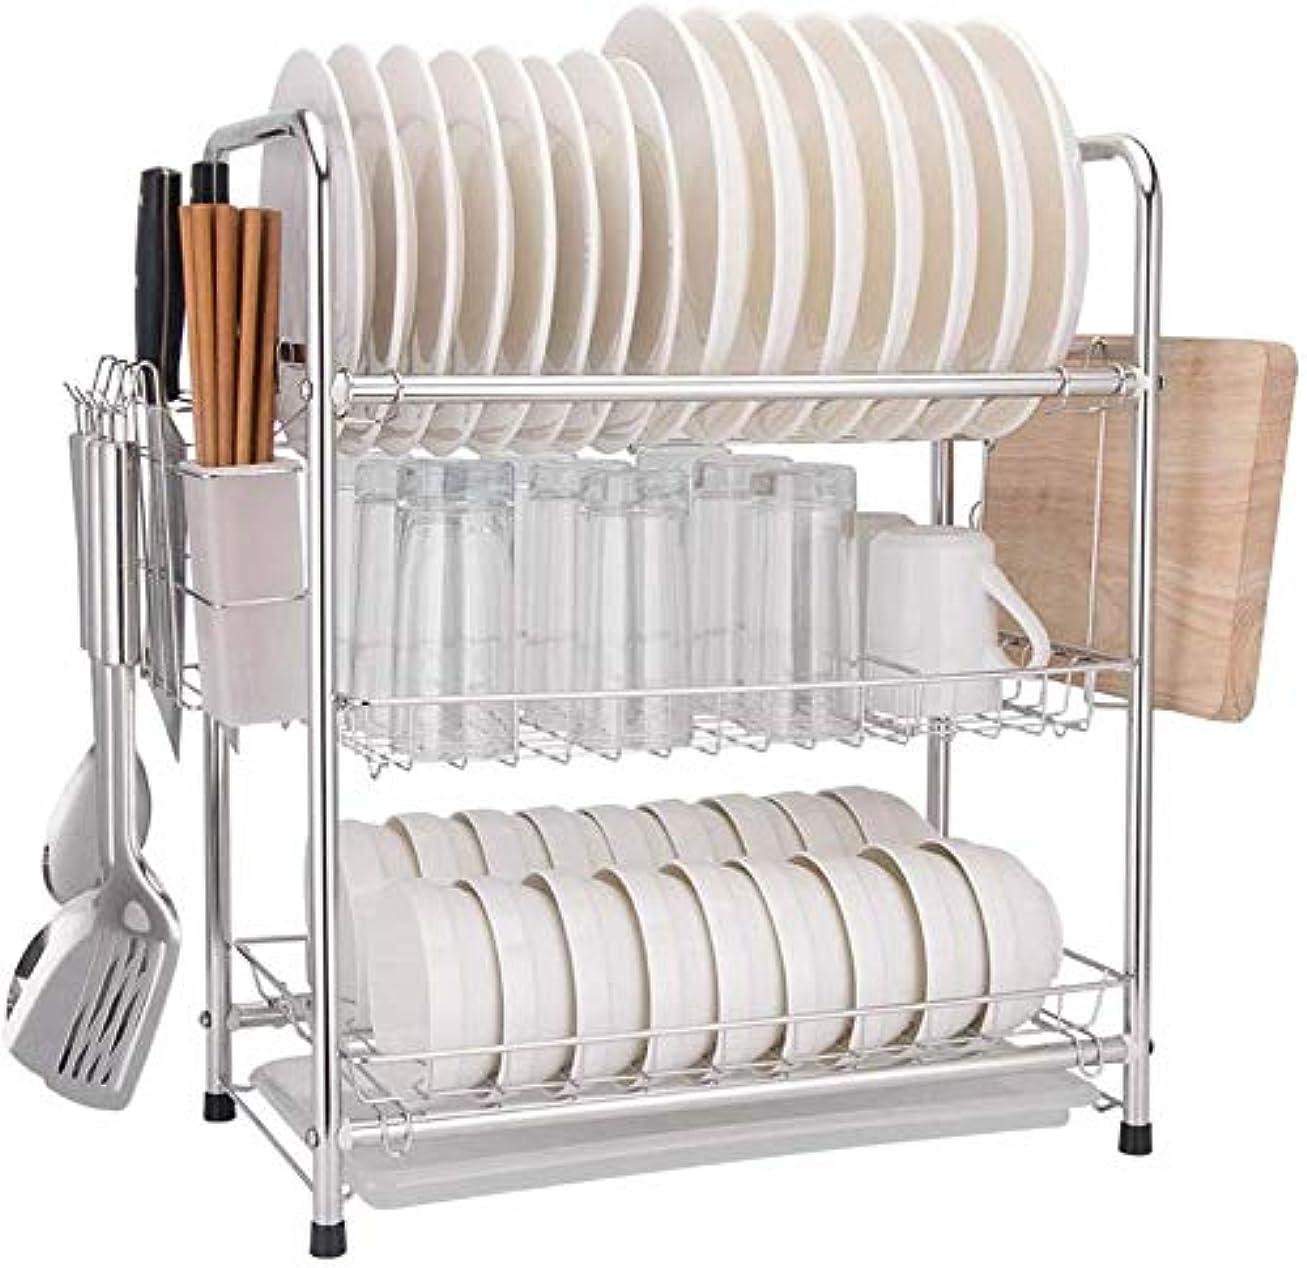 ピック沿って実装する便利な実用的な食器棚食器水切り器キッチン収納ラック水切りラック箸/ナイフ/まな板ホルダー水切り